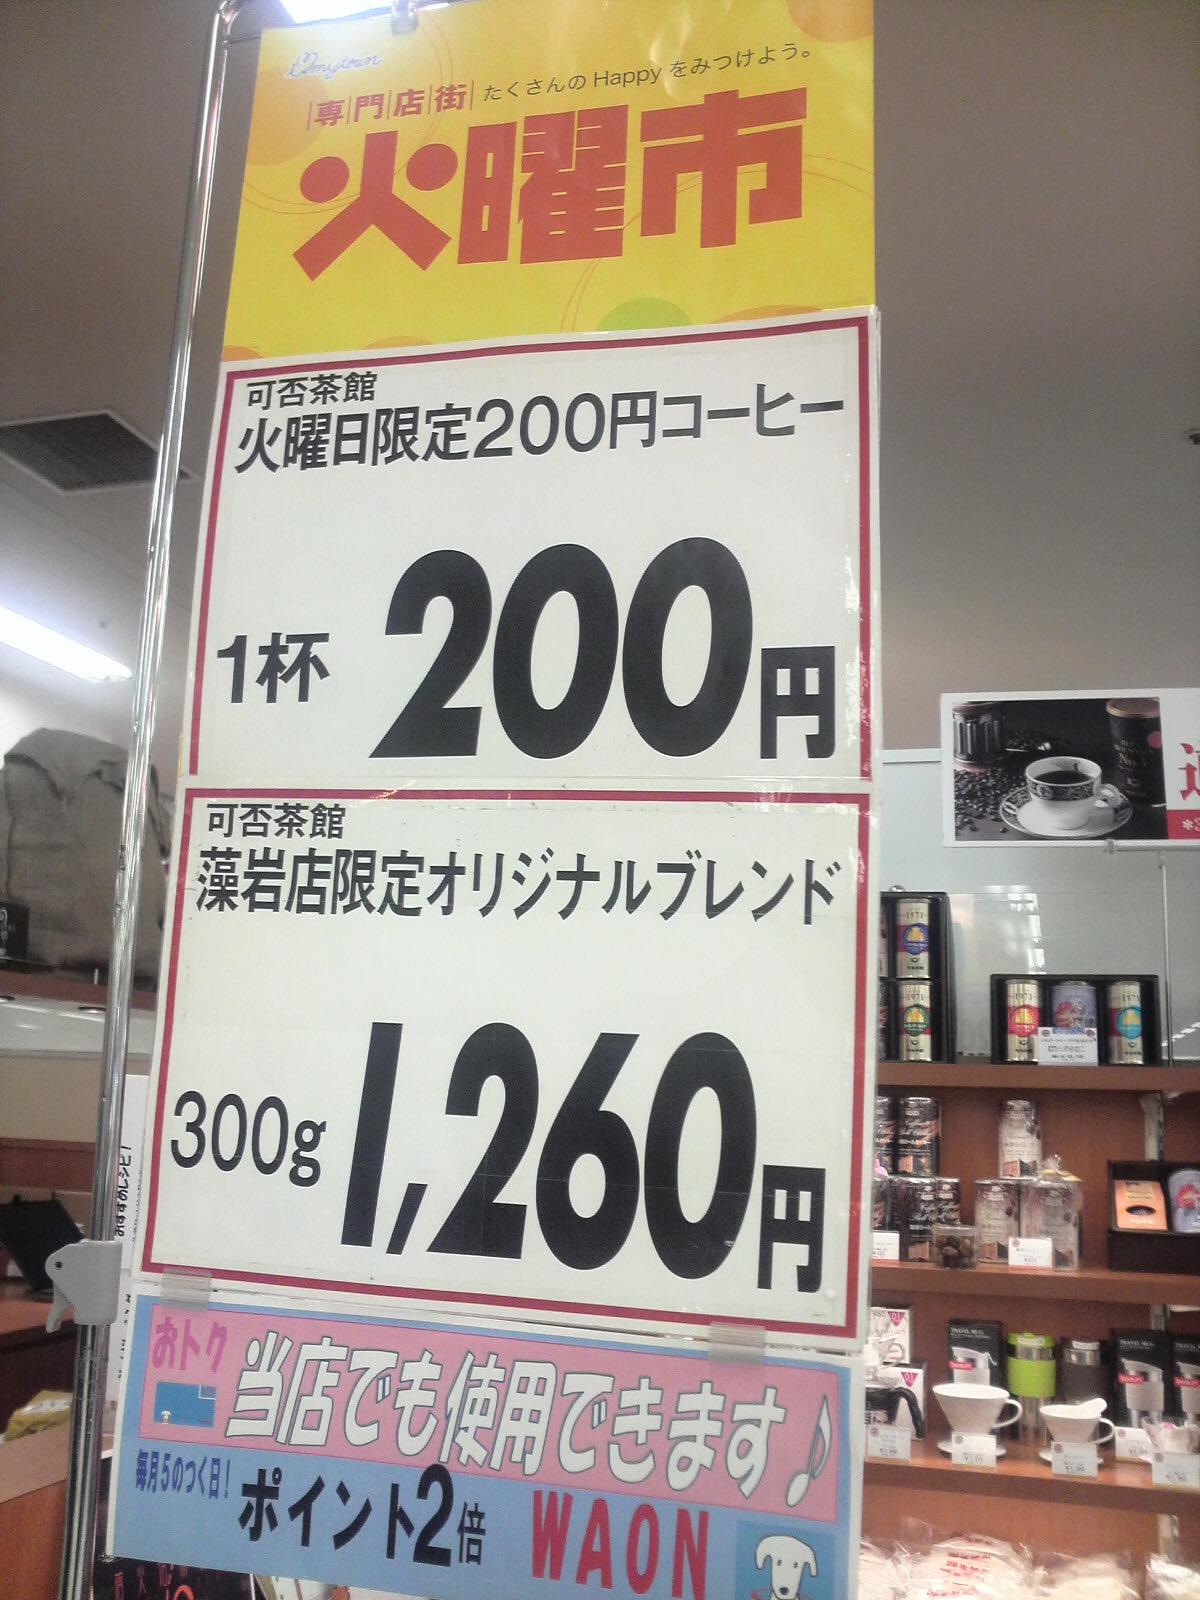 可否茶館 イオン札幌藻岩店